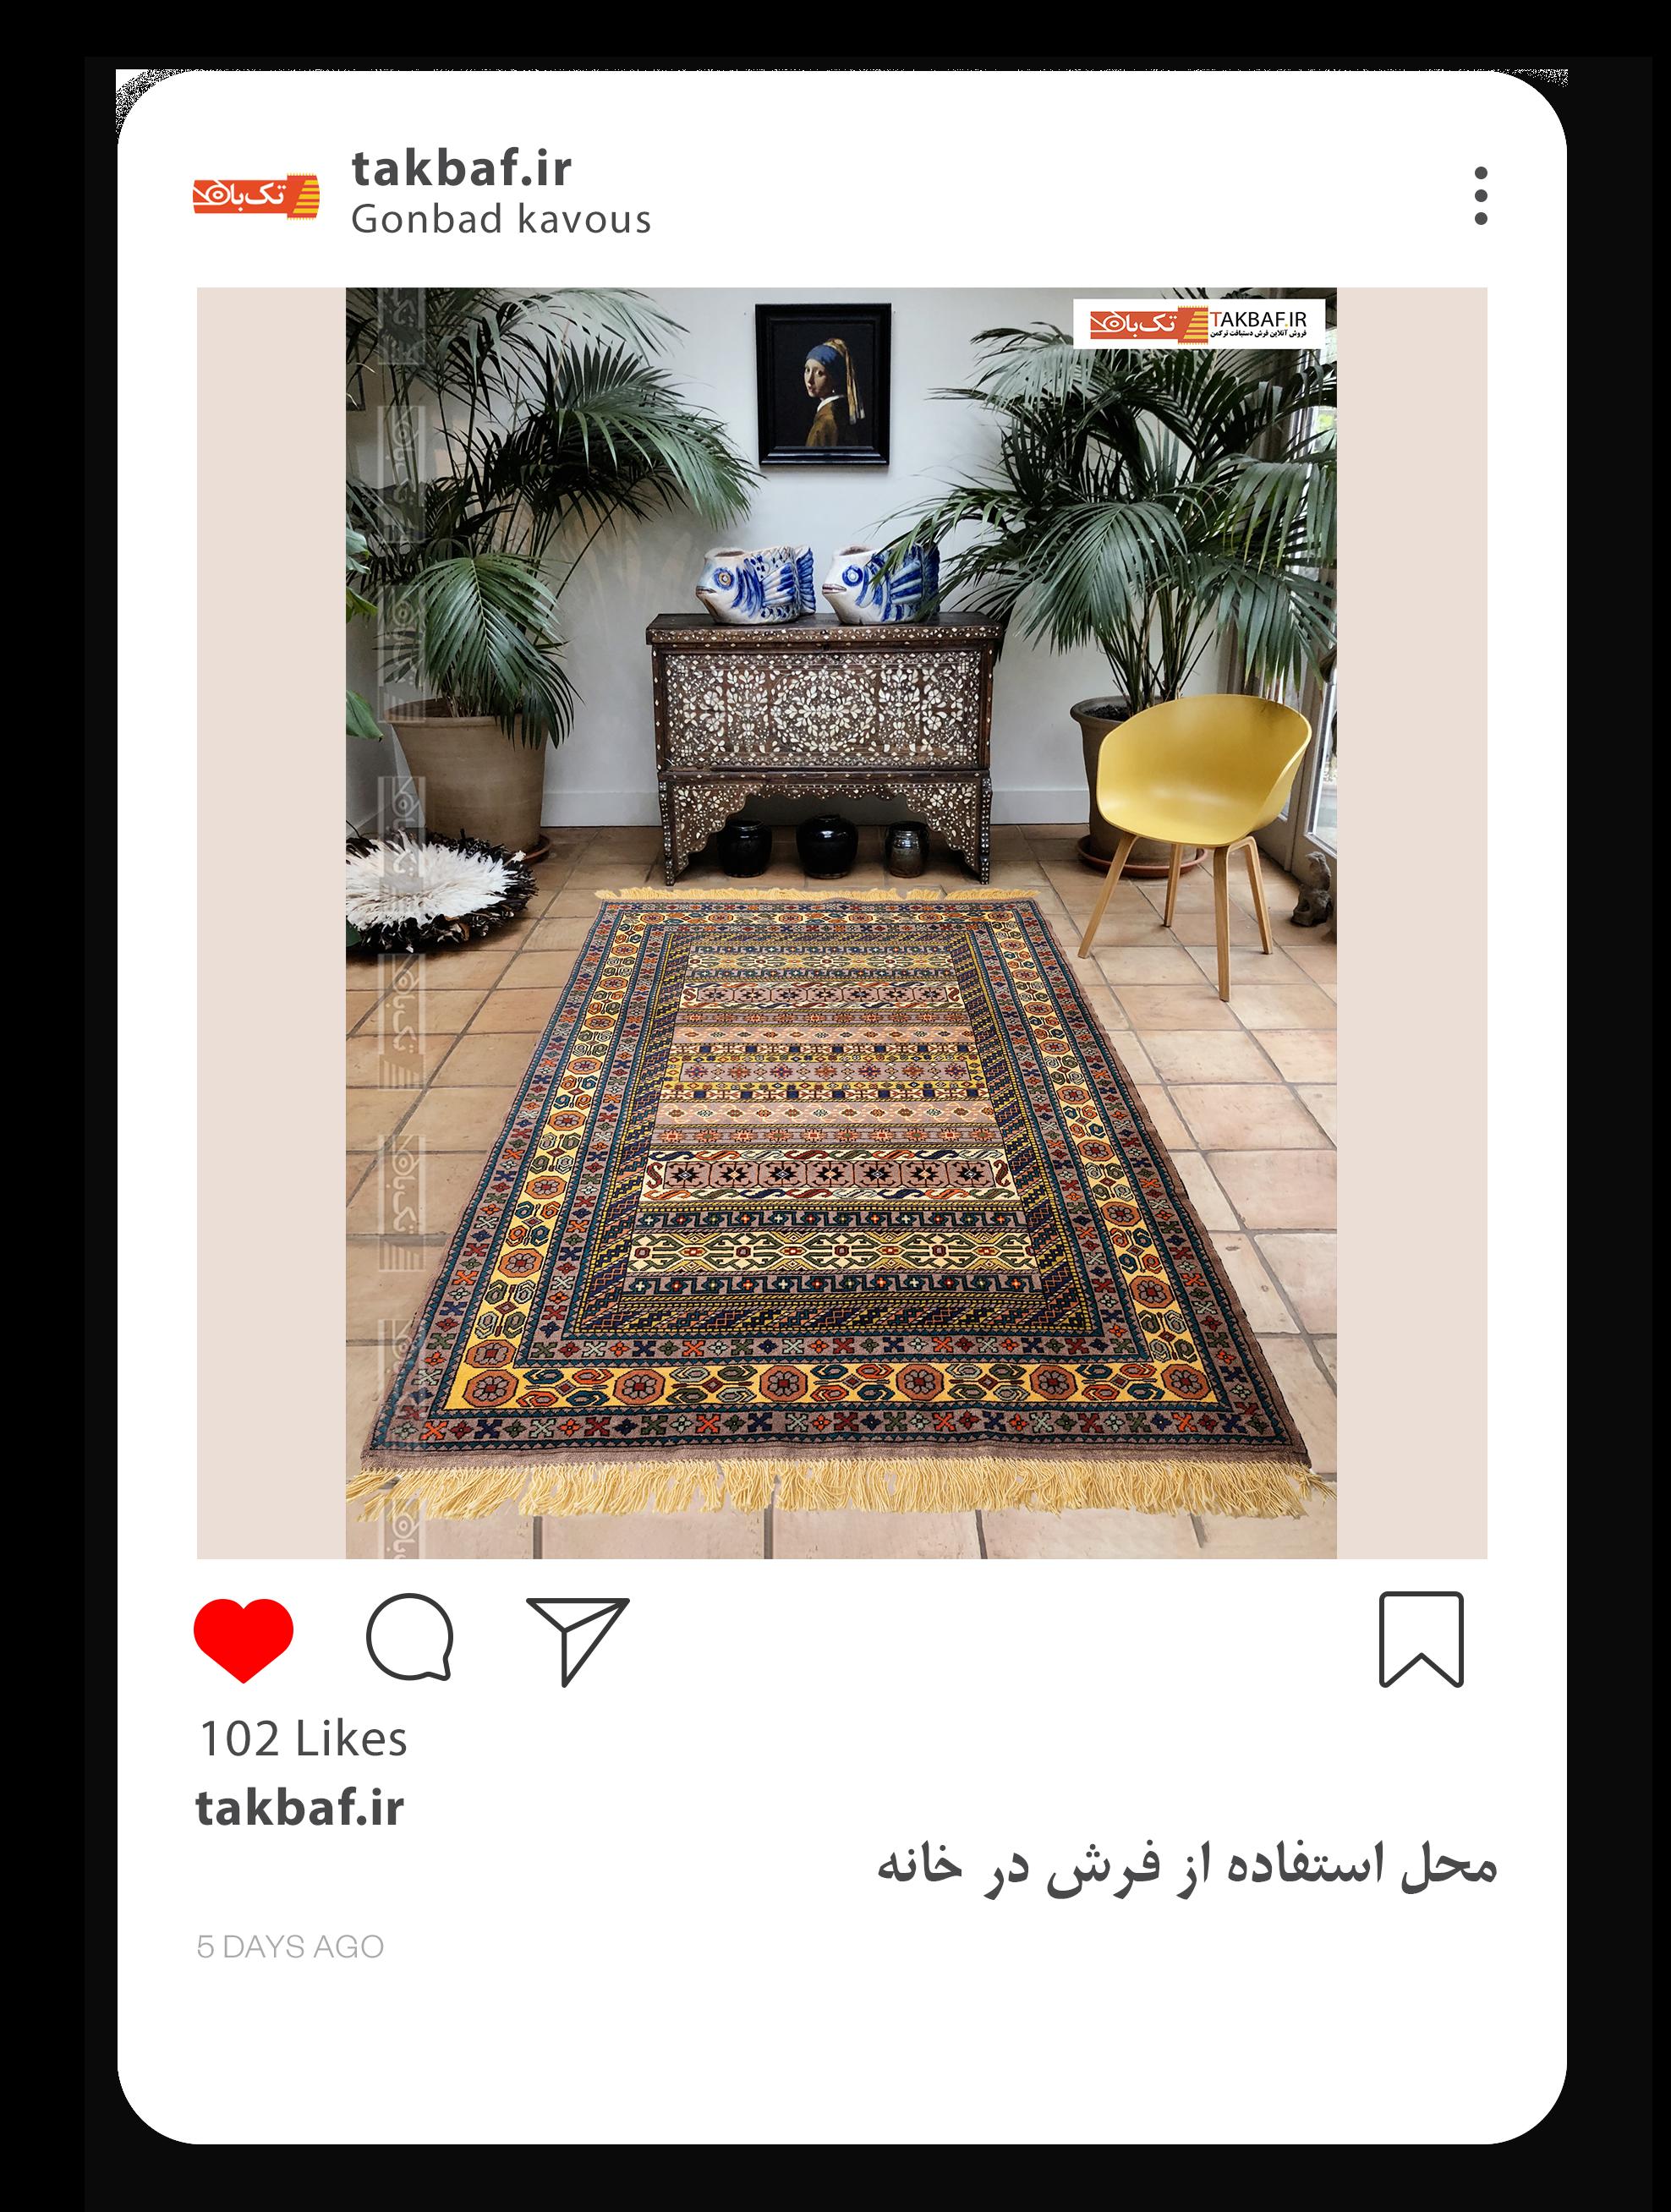 محل استفاده از فرش در خانه